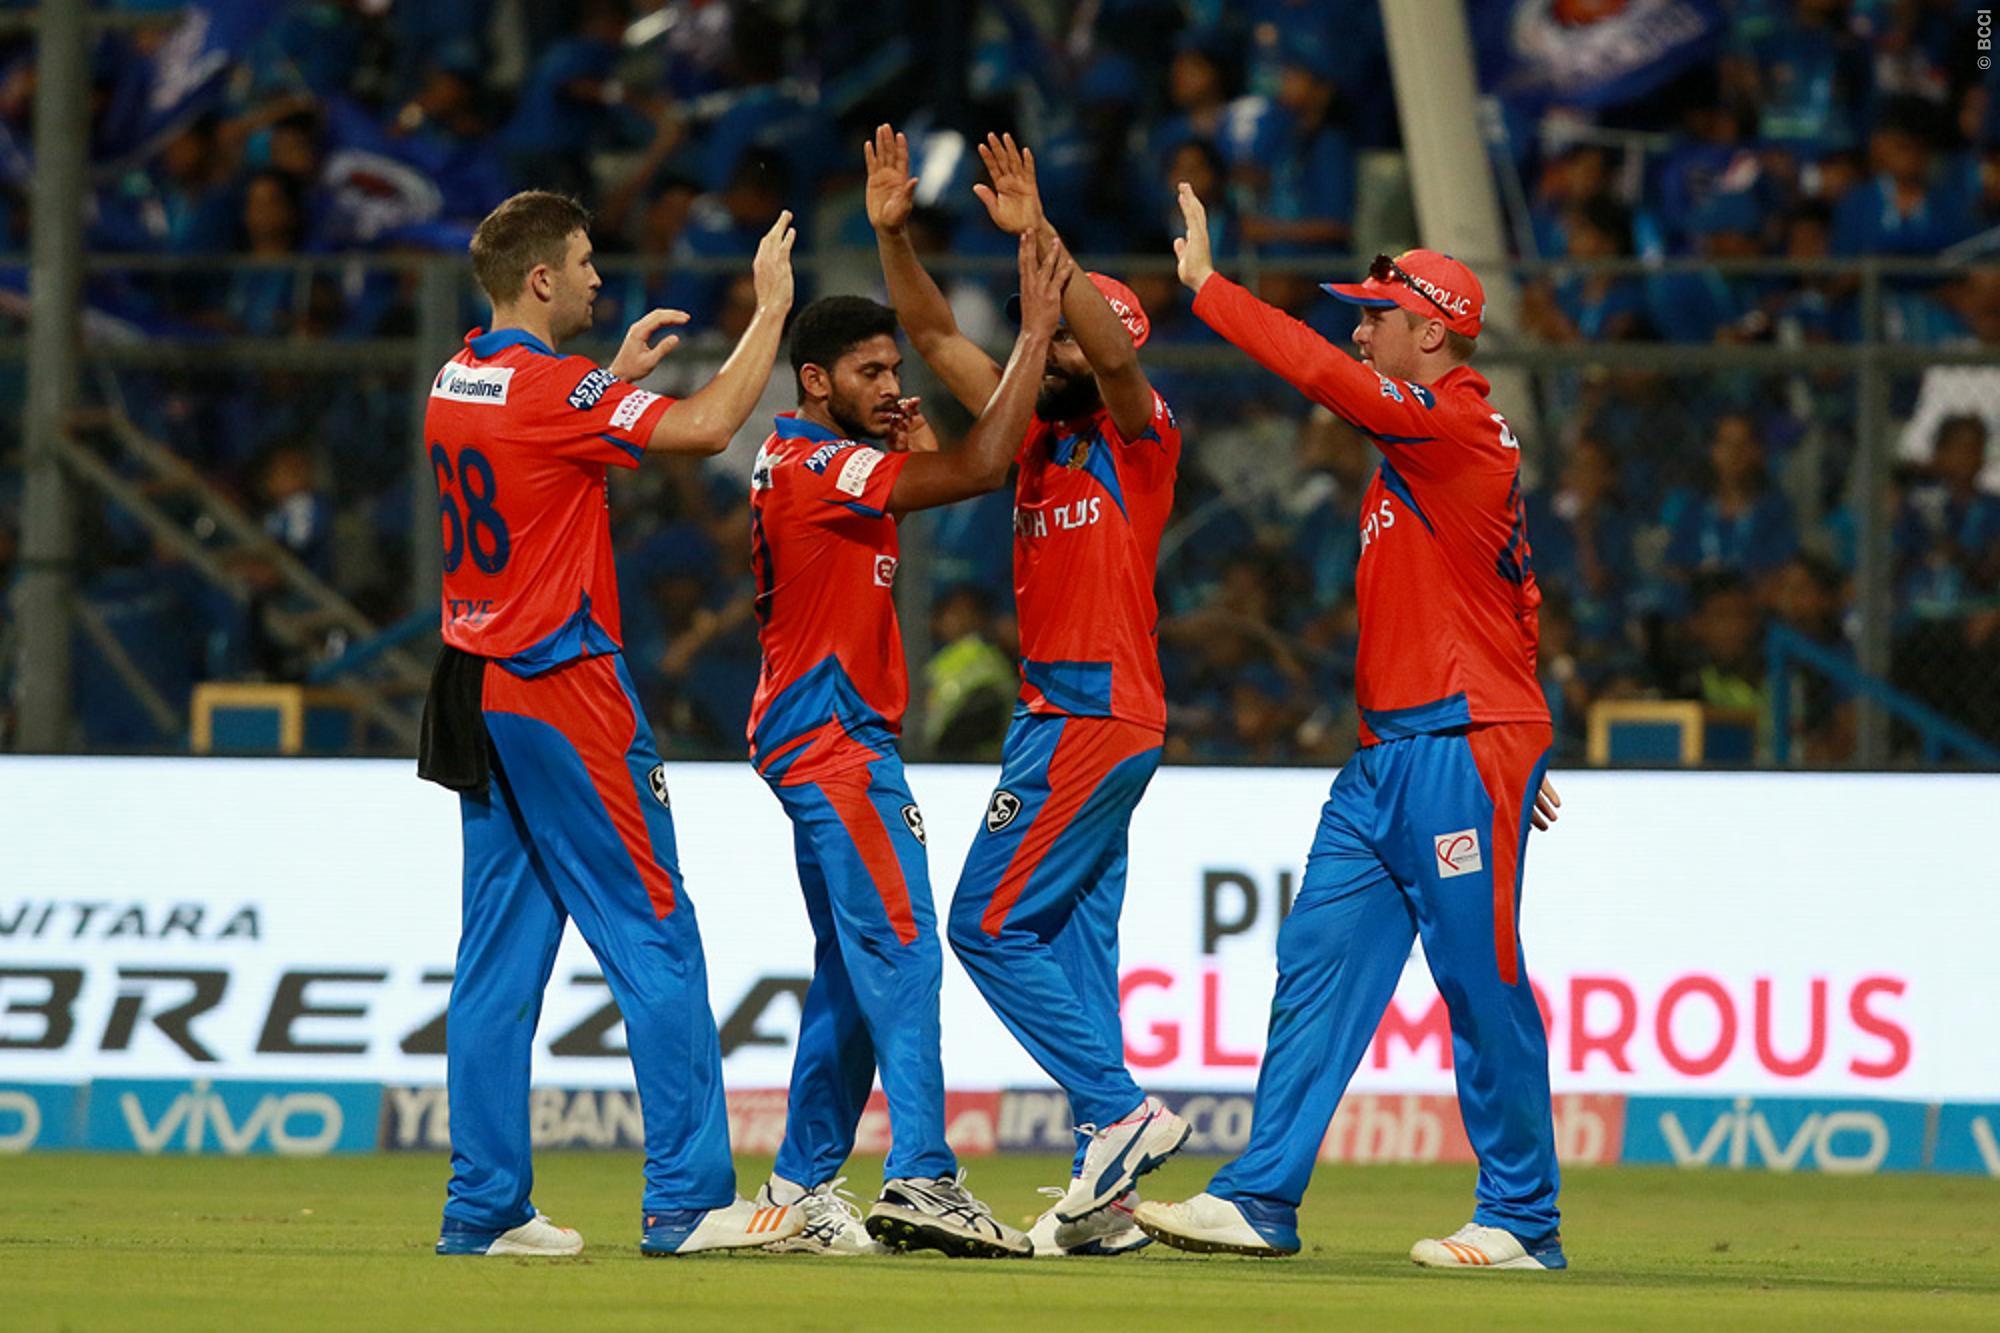 बैंगलोर के खिलाफ हार का सिलसिला रोकने के लिए गुजरात ने अंतिम 11 का किया ऐलान, इरफ़ान पठान समेत इस दिग्गज को मिली जगह